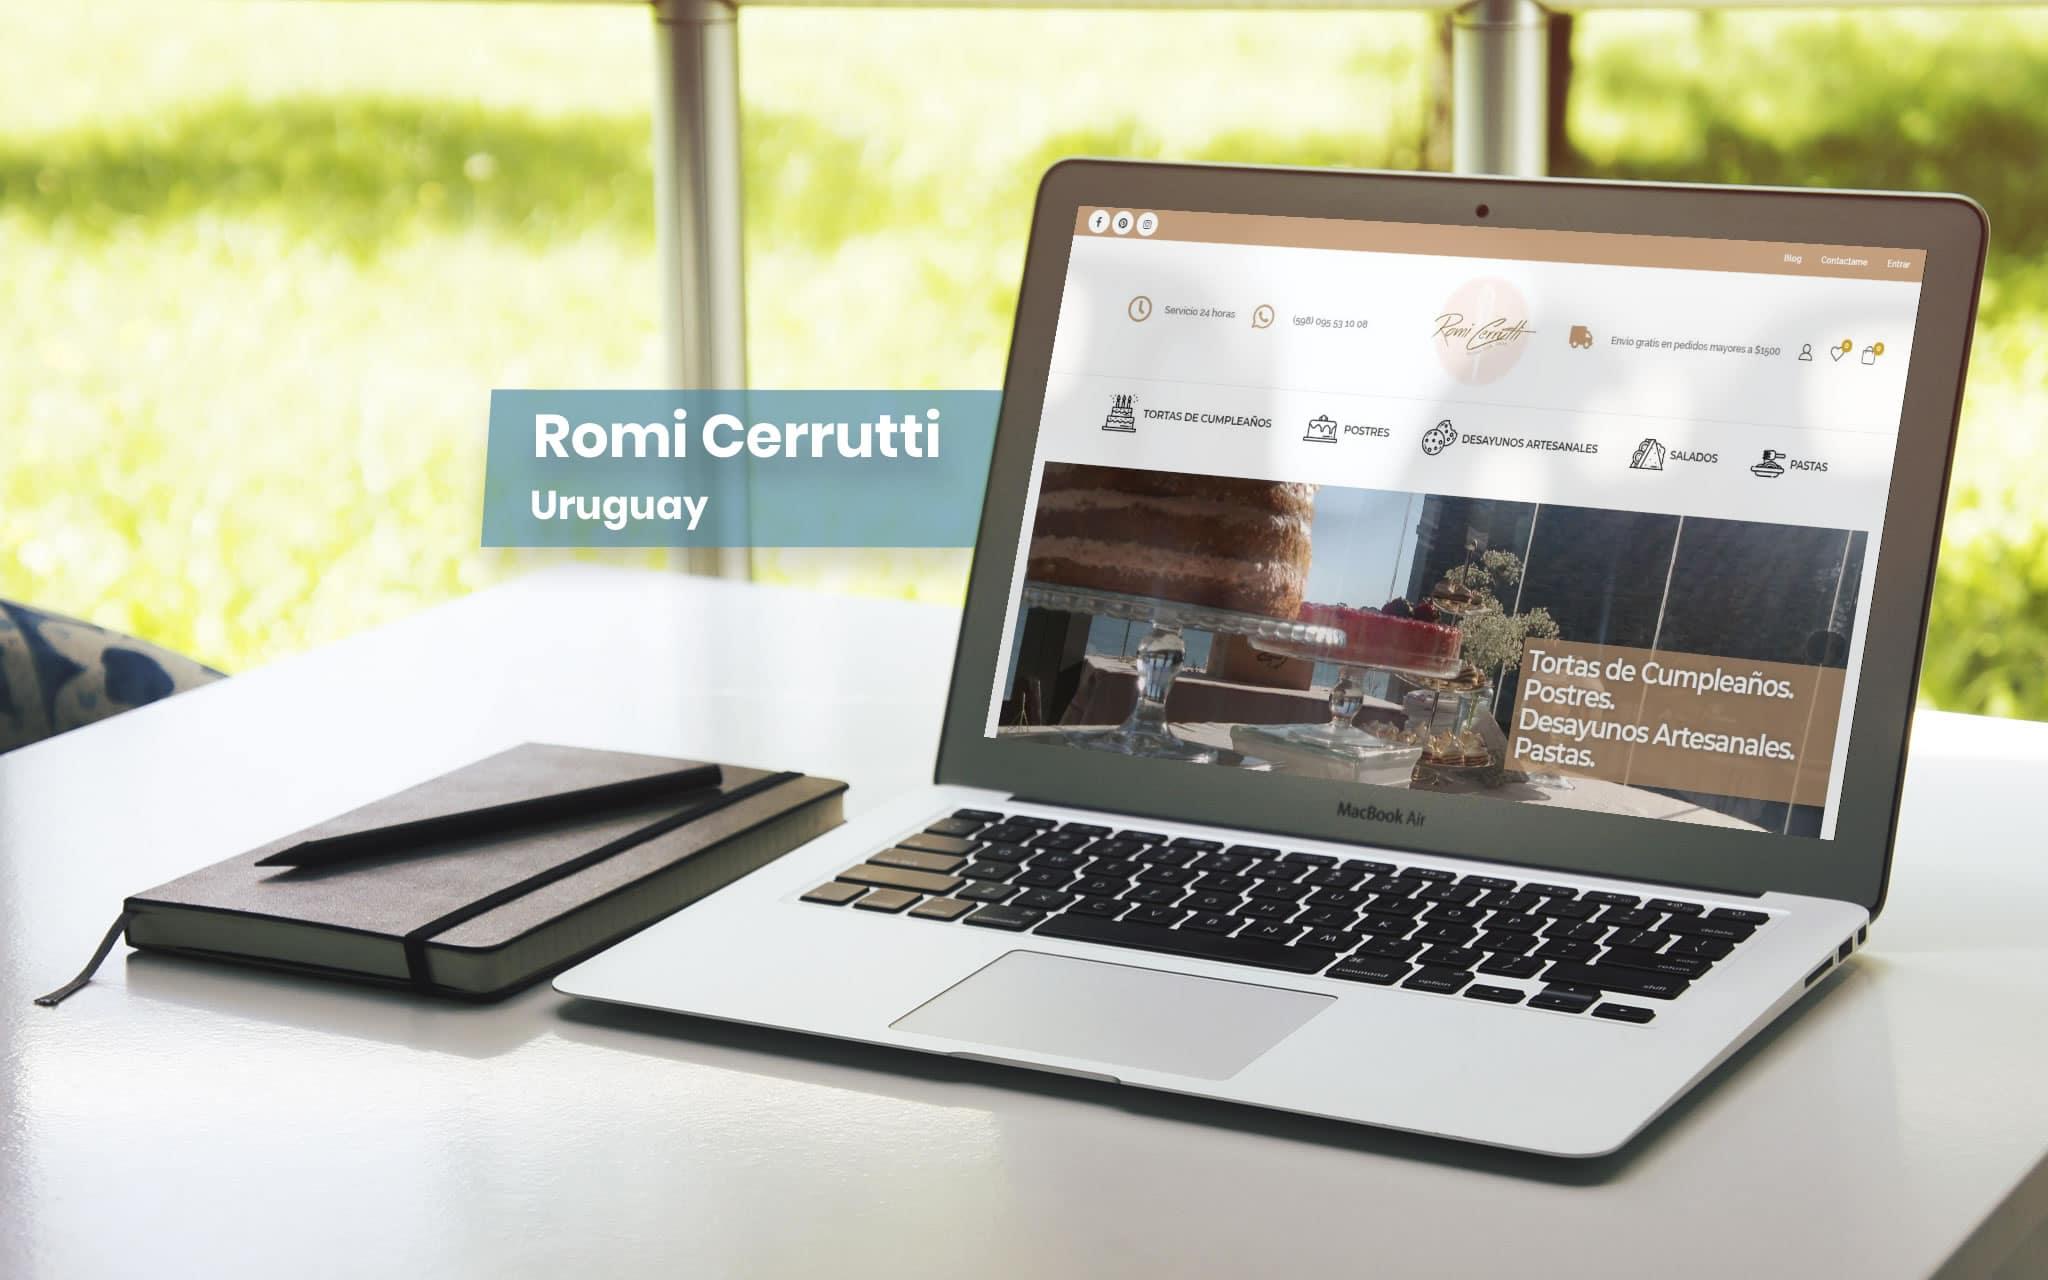 Romi Cerrutti - Uruguay